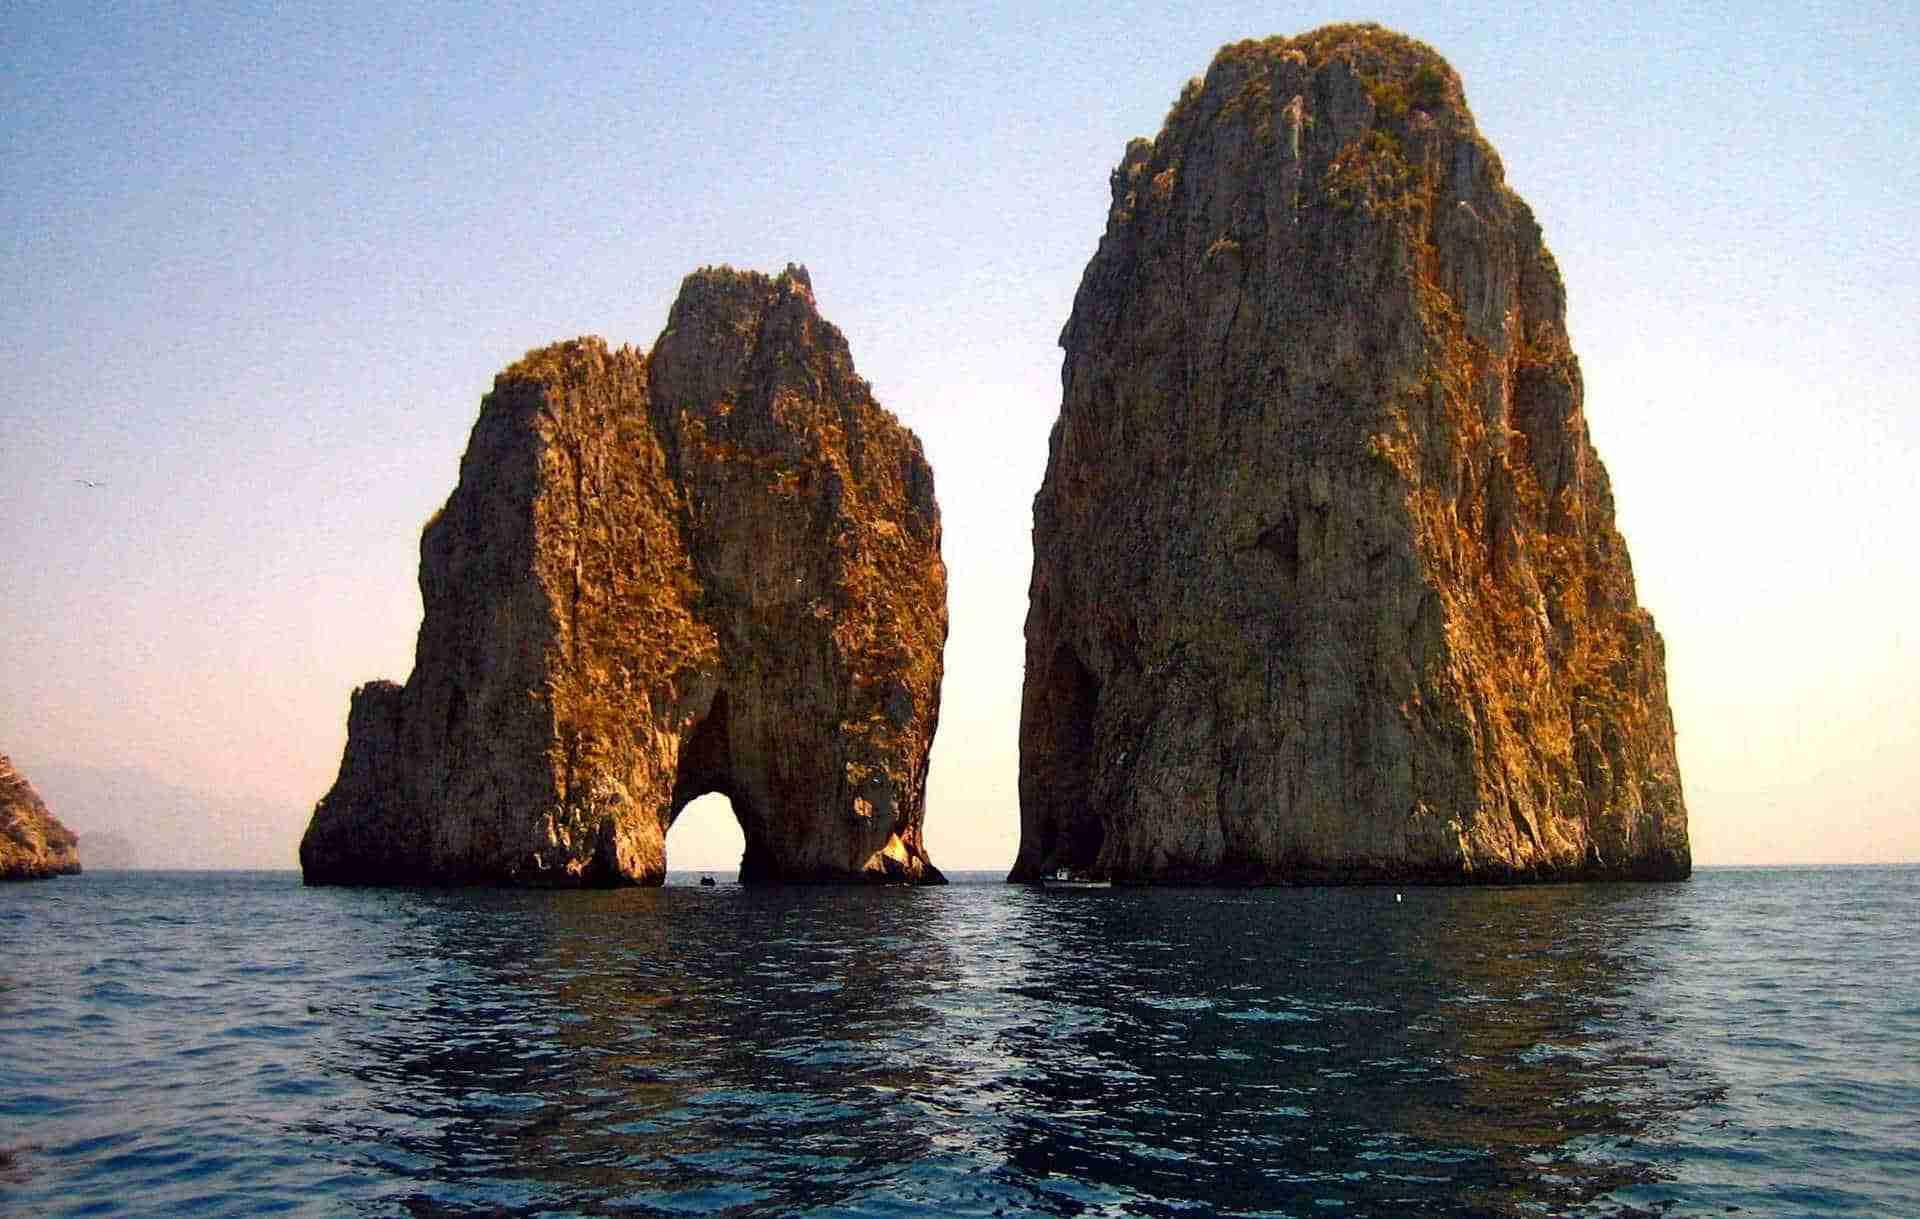 Crociera in Costiera amalfitana   Faraglioni di Capri - Vela Dream